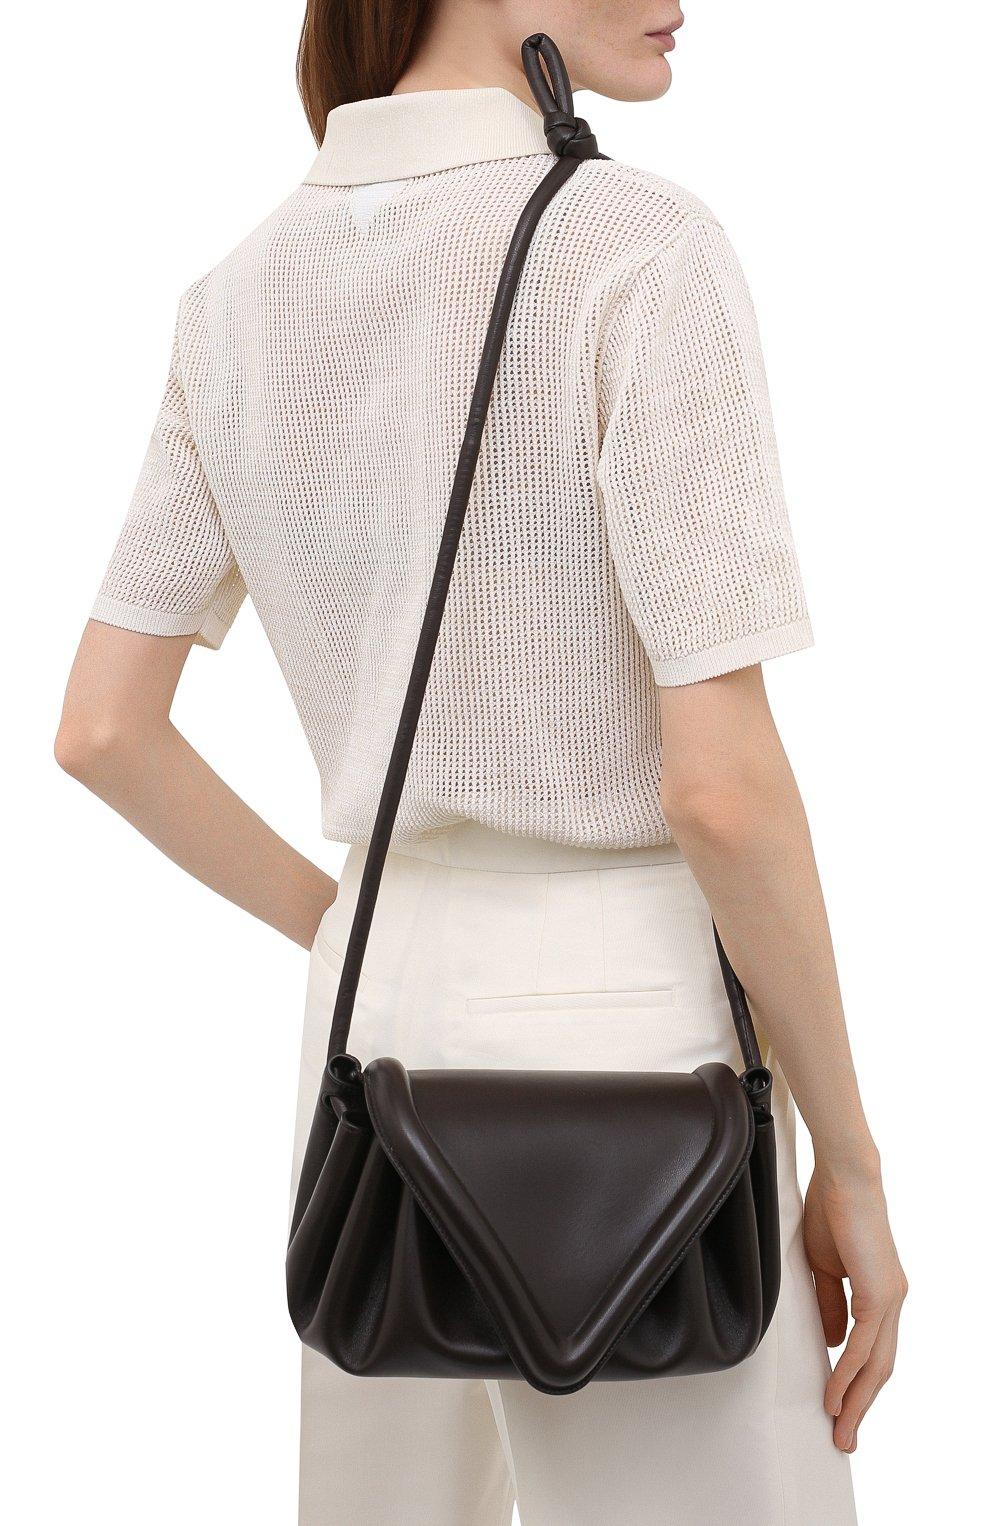 Женская сумка beak medium BOTTEGA VENETA темно-коричневого цвета, арт. 658523/VCP30   Фото 2 (Сумки-технические: Сумки через плечо; Размер: medium; Материал: Натуральная кожа)